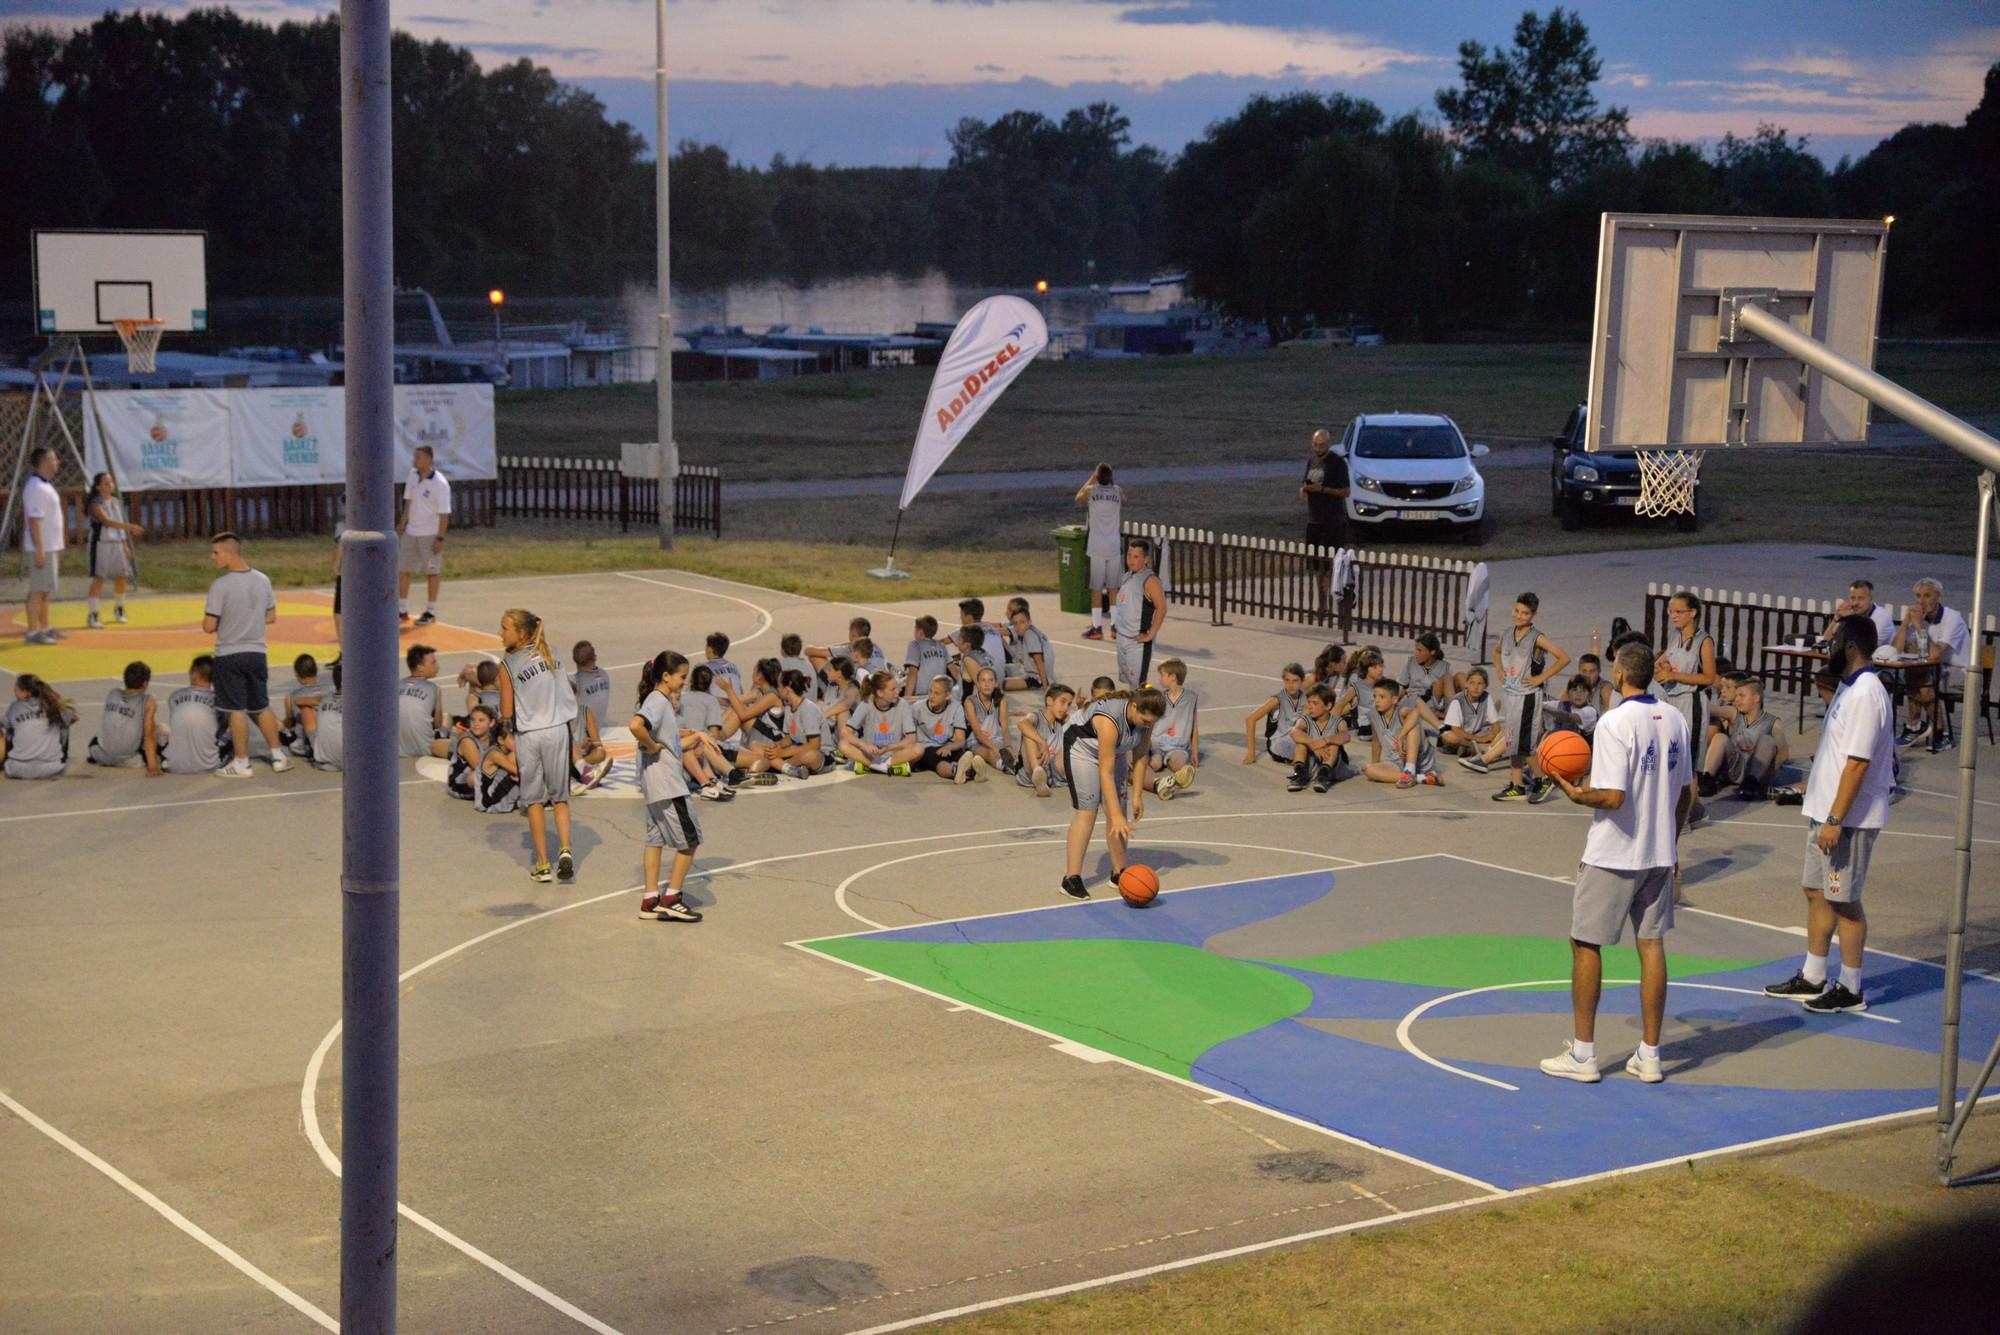 Basketfriends 2017. - večernje takmičenje